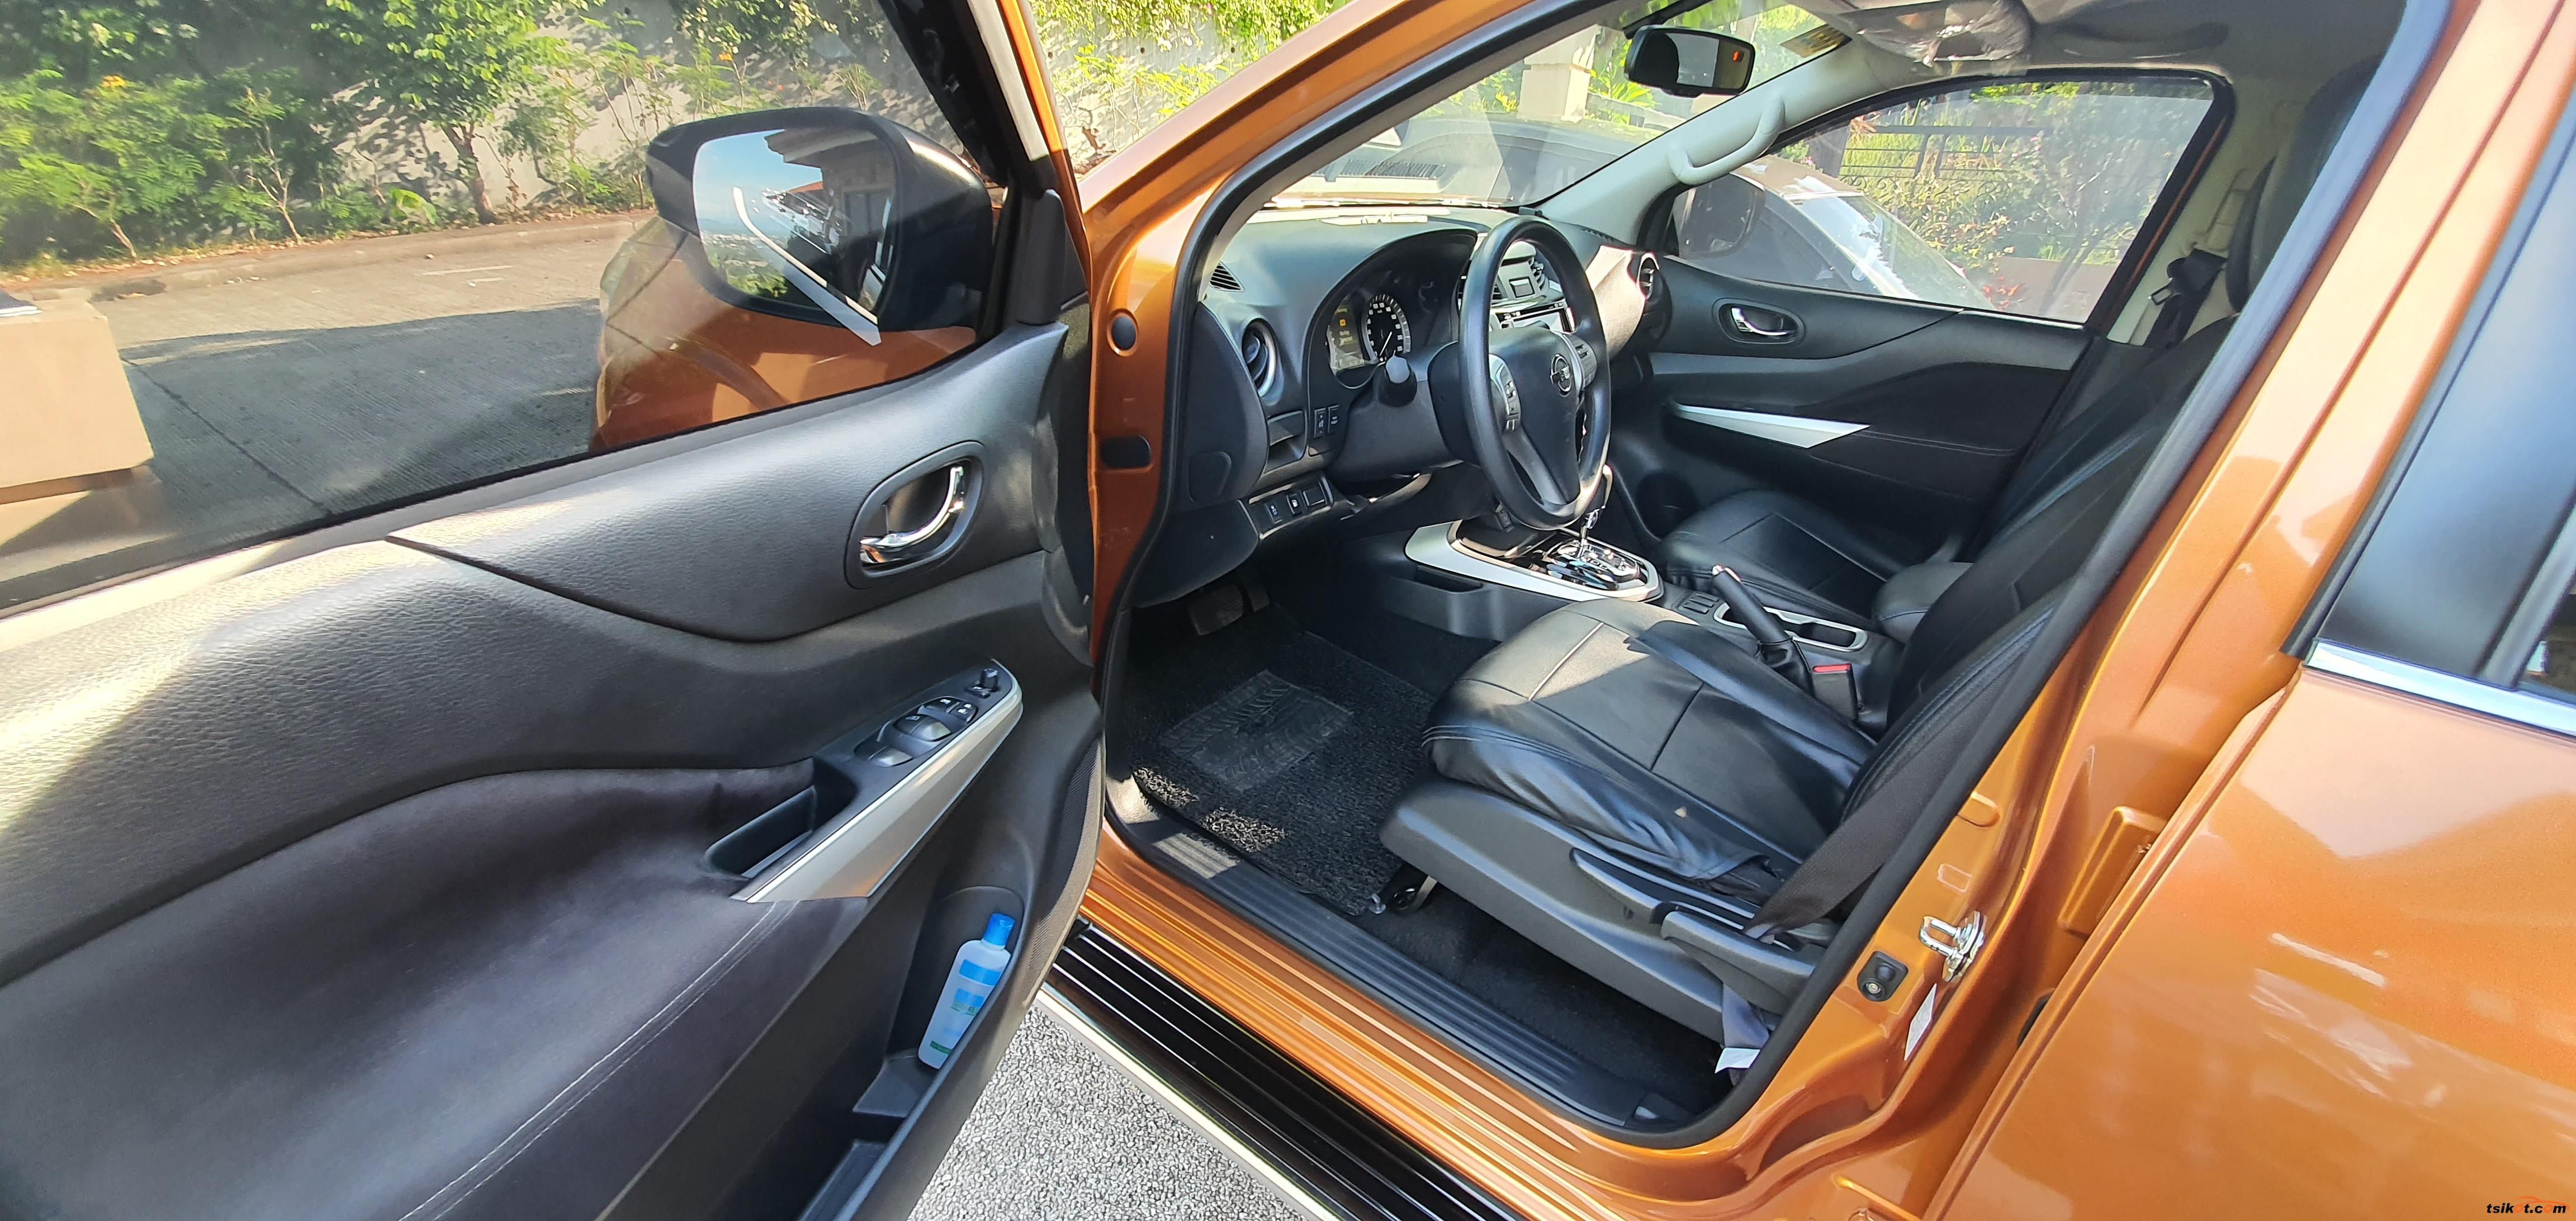 Nissan Np300 2015 - 5